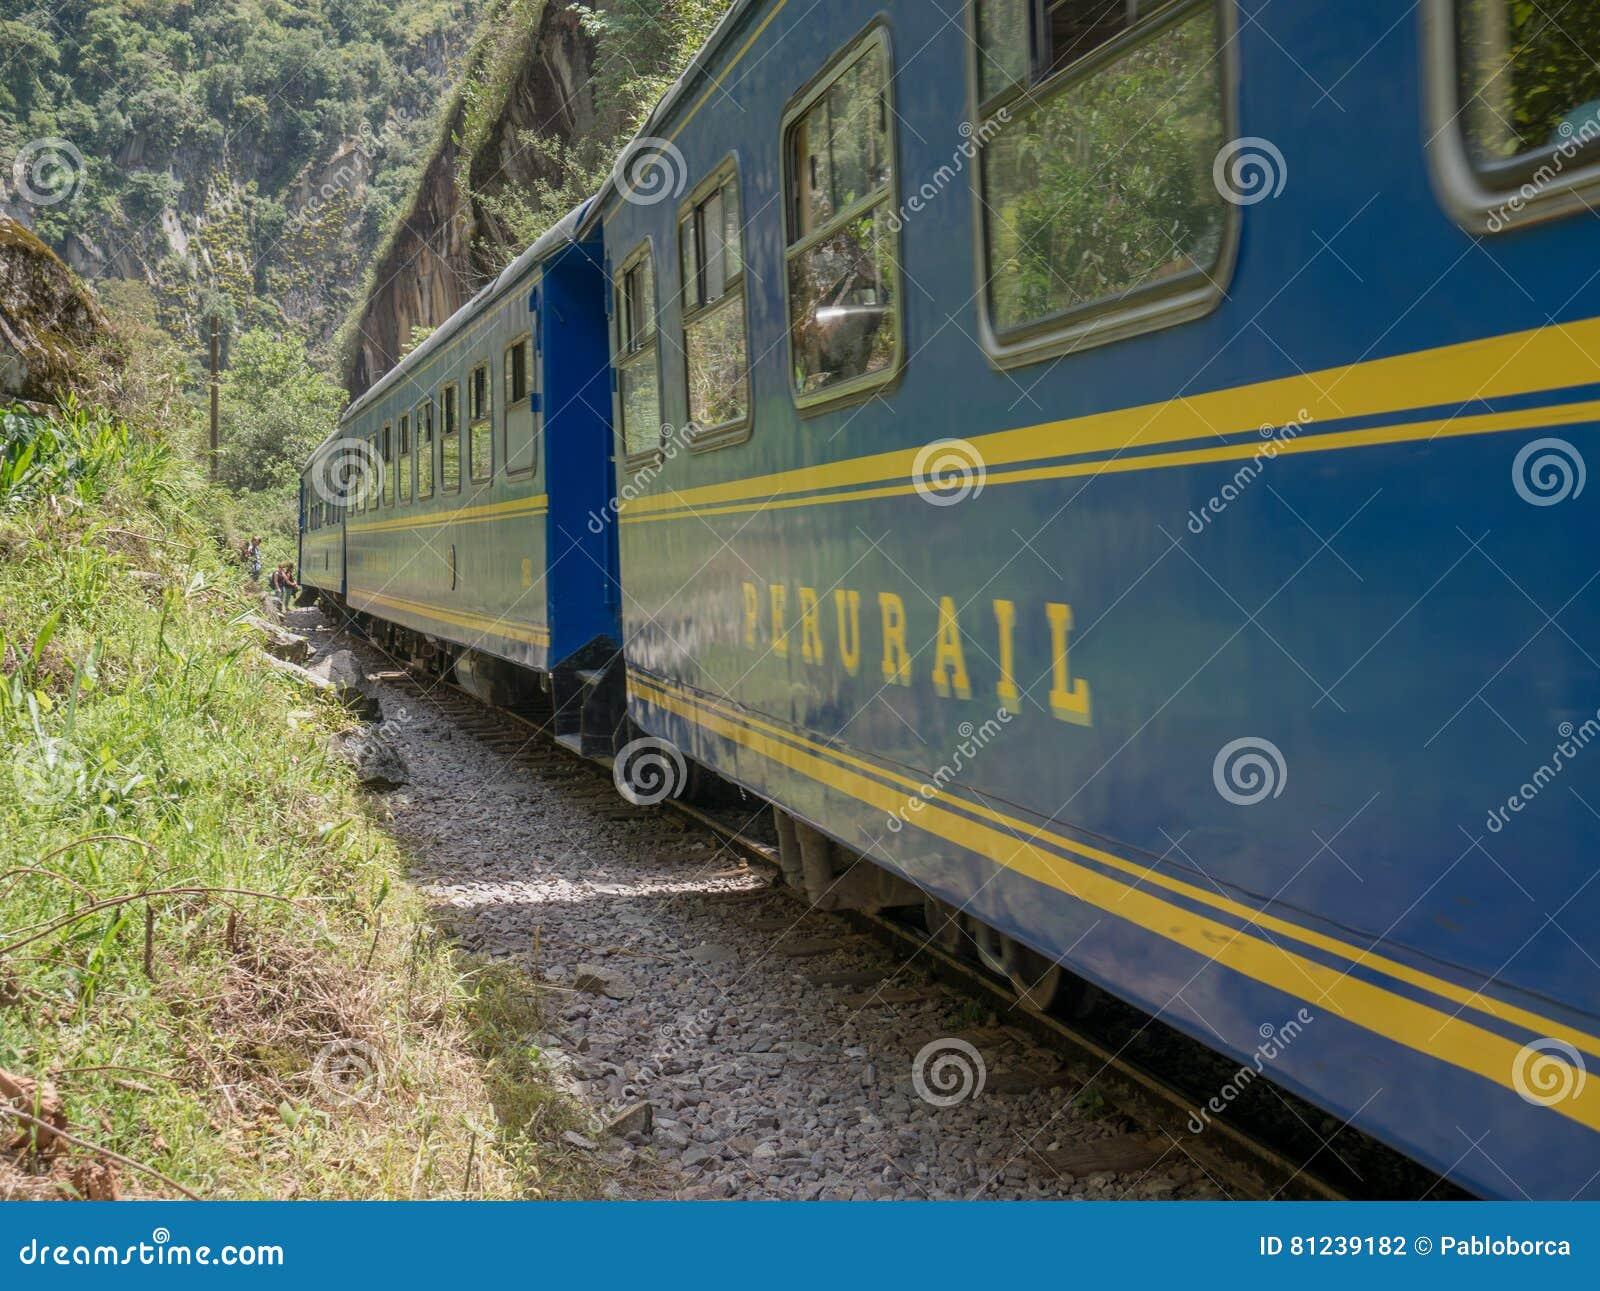 Train de Perurail qui relient Cusco et Machu Picchu dans les Aguas Calientes, Cusco, Pérou